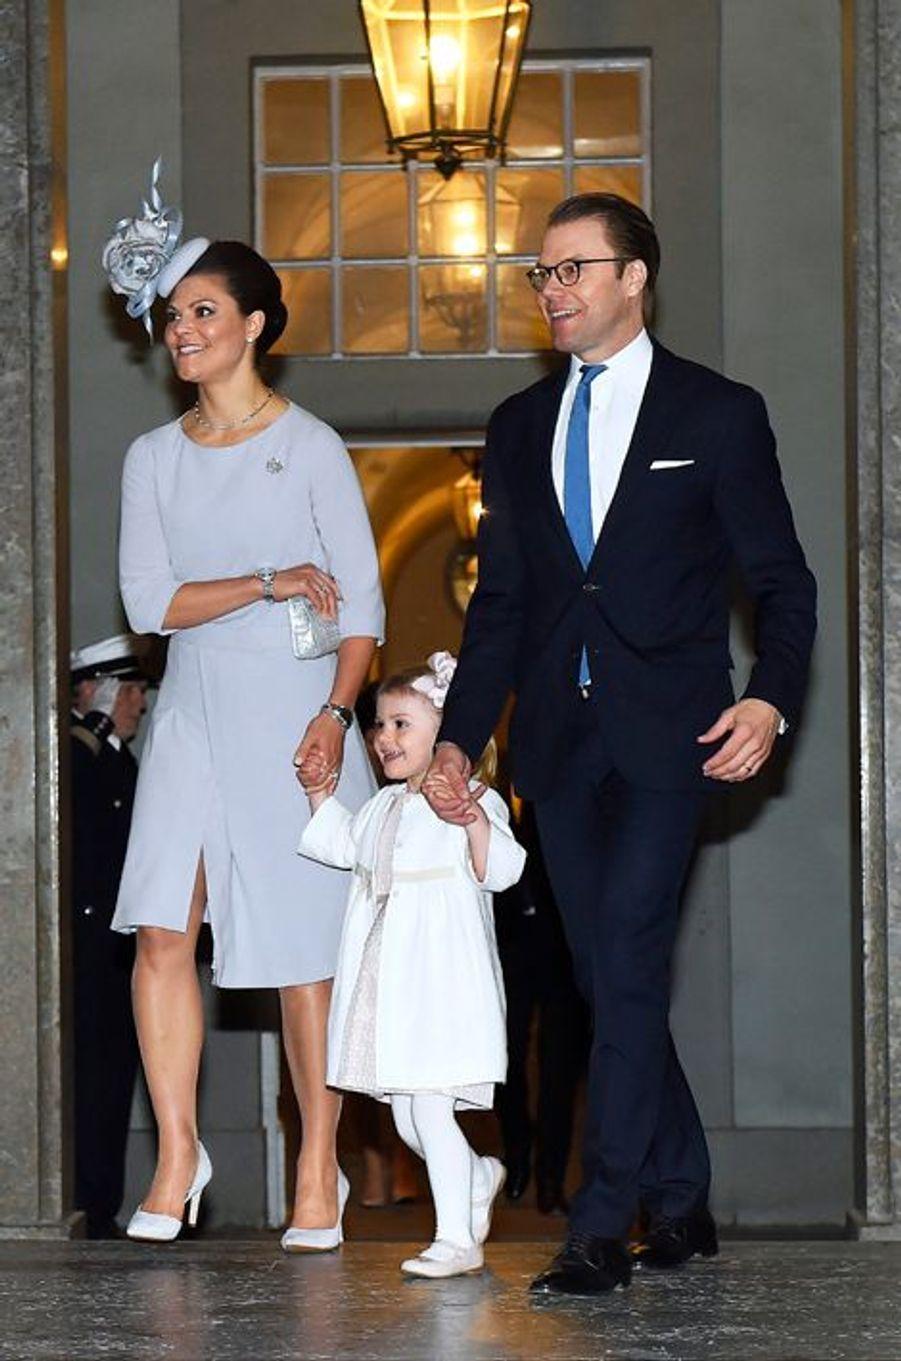 Les princesses Victoria et Estelle avec le prince consort Daniel au Palais royal à Stockholm, le 17 mai 2015